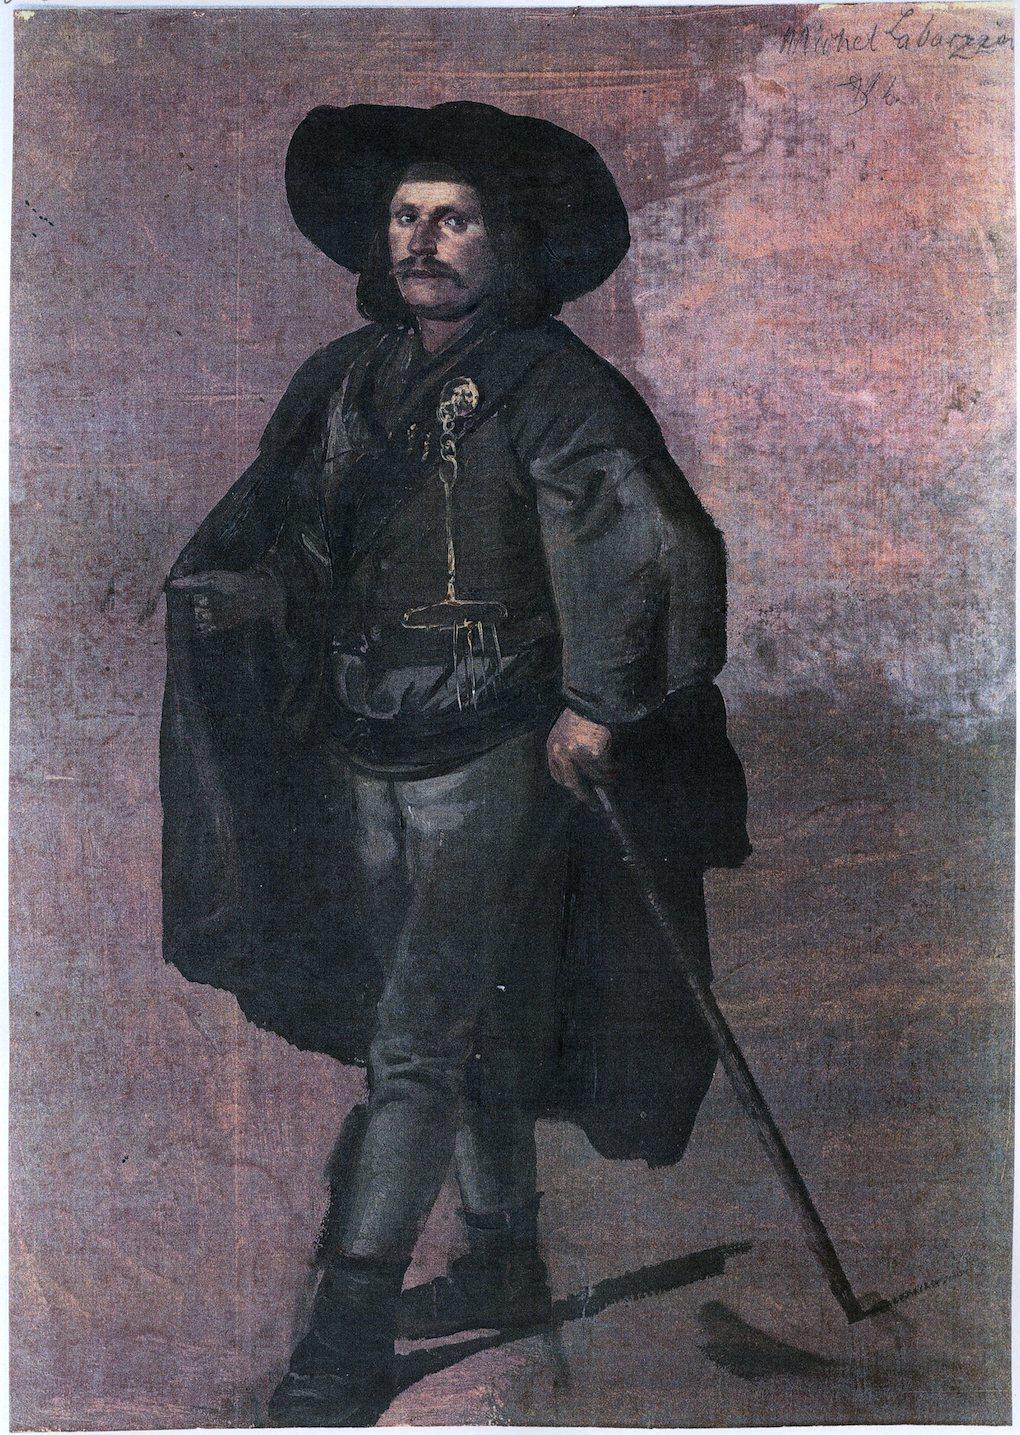 Ludwig Most, Portret Michela Labarziena, 1840, studium olejne na papierze, Muzeum Narodowe w Szczecinie